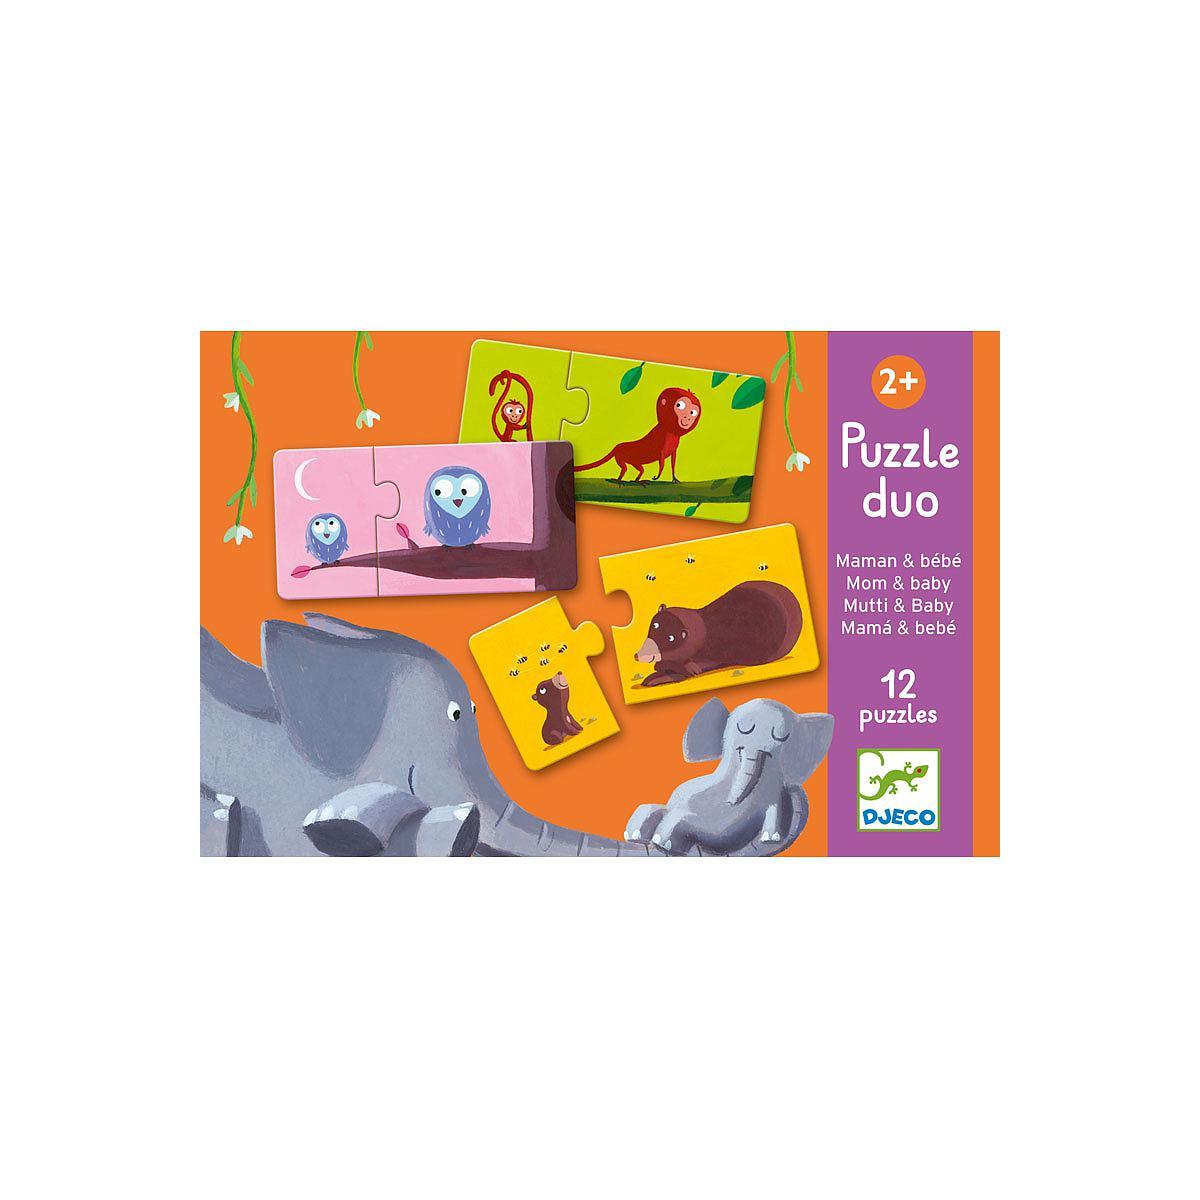 Puzzle dúo +2Y 12pcs MAMÁ Y BEBÉ Djeco